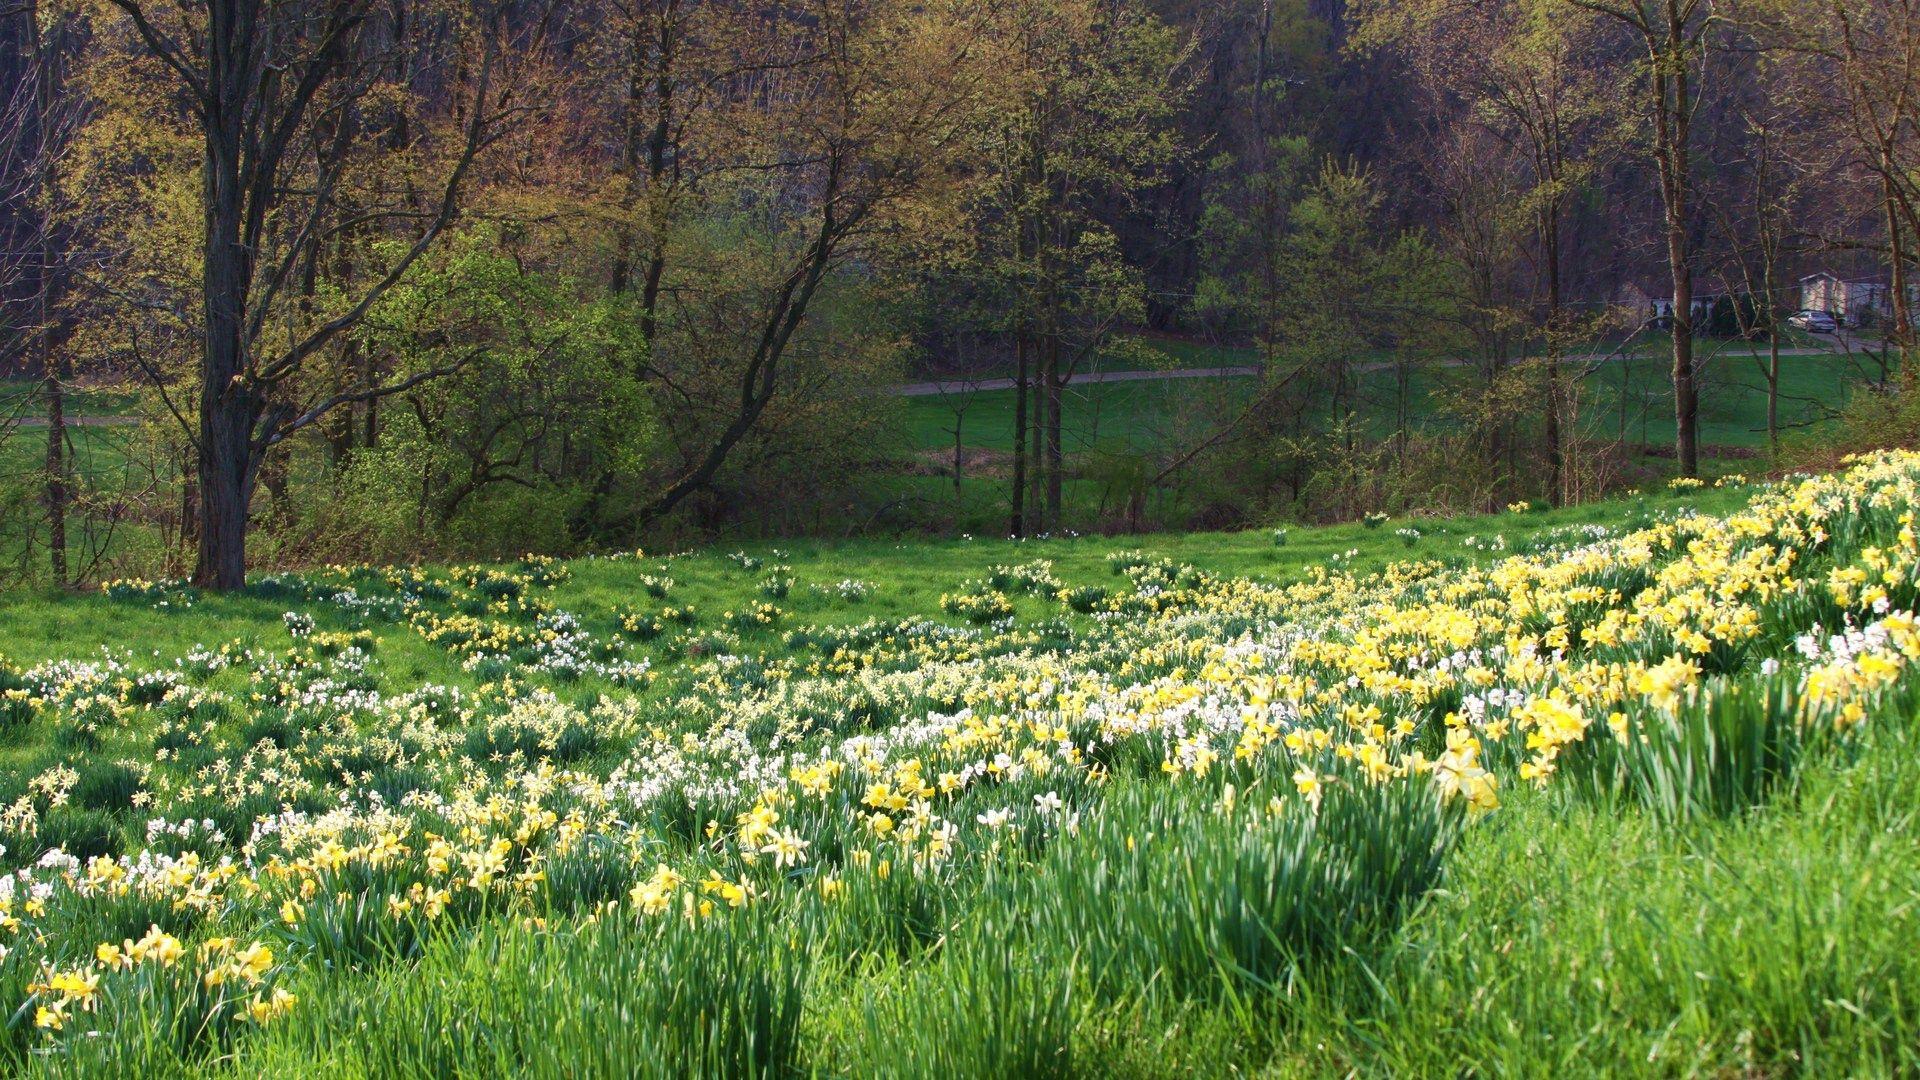 89893 Salvapantallas y fondos de pantalla Flores en tu teléfono. Descarga imágenes de Primavera, Hierba, Naturaleza, Flores gratis